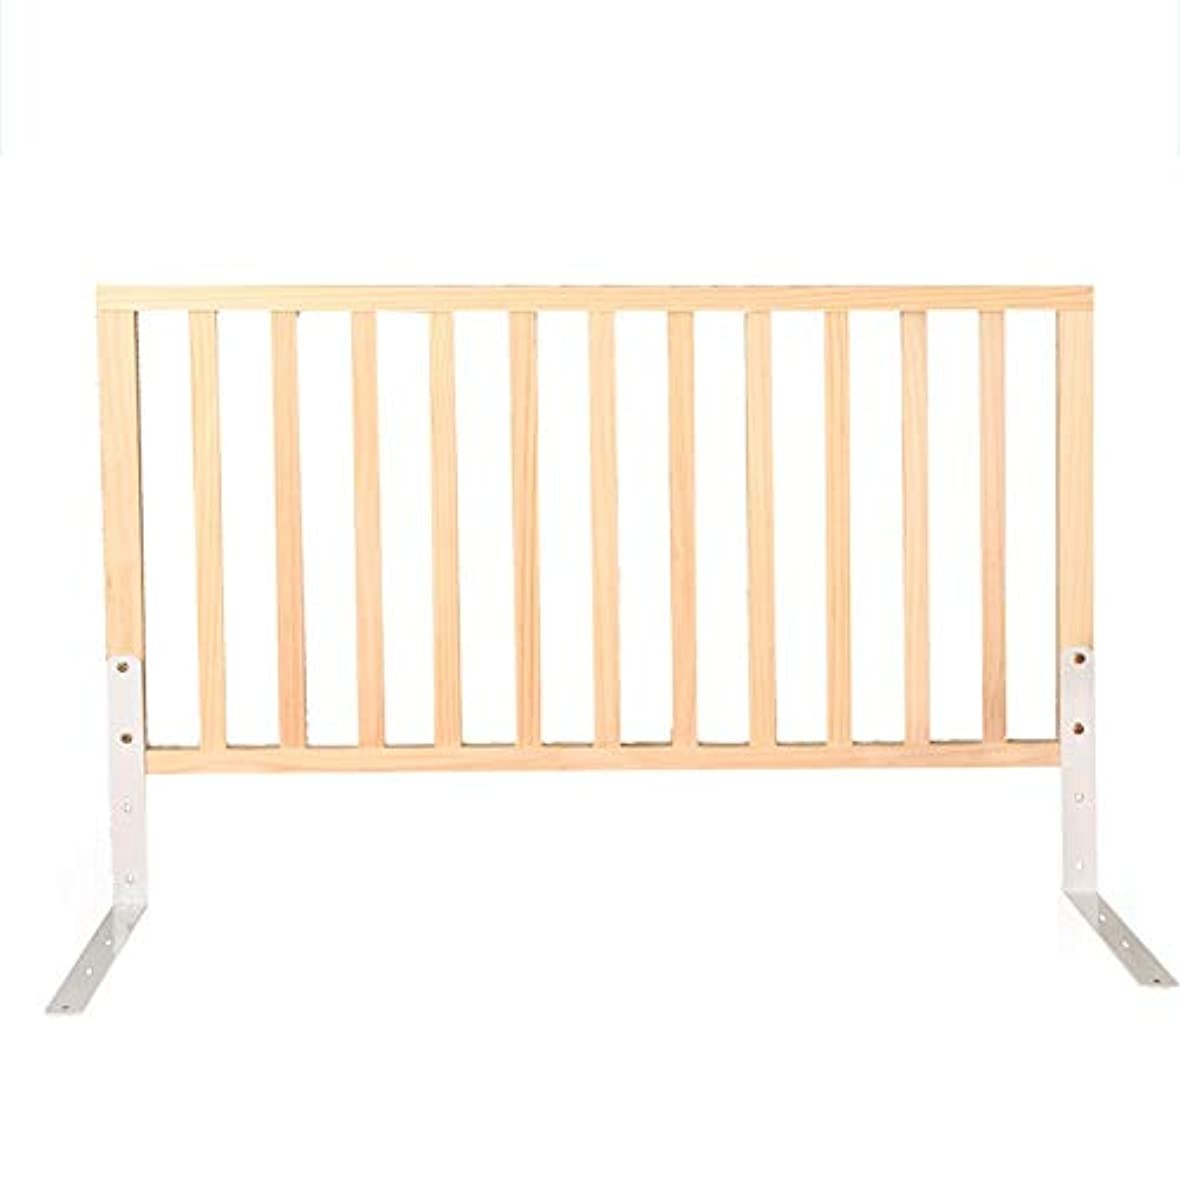 リム援助ピックXyanzi-ガードレールフェンス 幼児のガードレール、純木のベッドの柵の監視高さ調節可能なスラット及びBoxspringのための普遍的な適合(サイズ:150cm) (色 : A, サイズ さいず : 120cm)